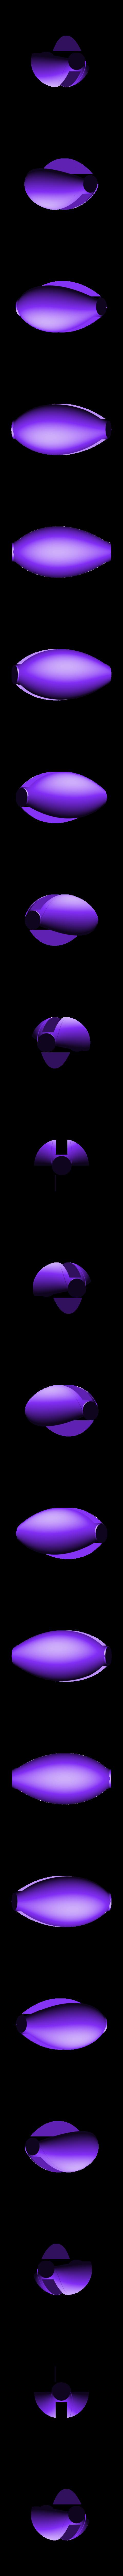 3_leave_medium2_vase_mode.stl Download free STL file Servo Flower • 3D printing model, Job